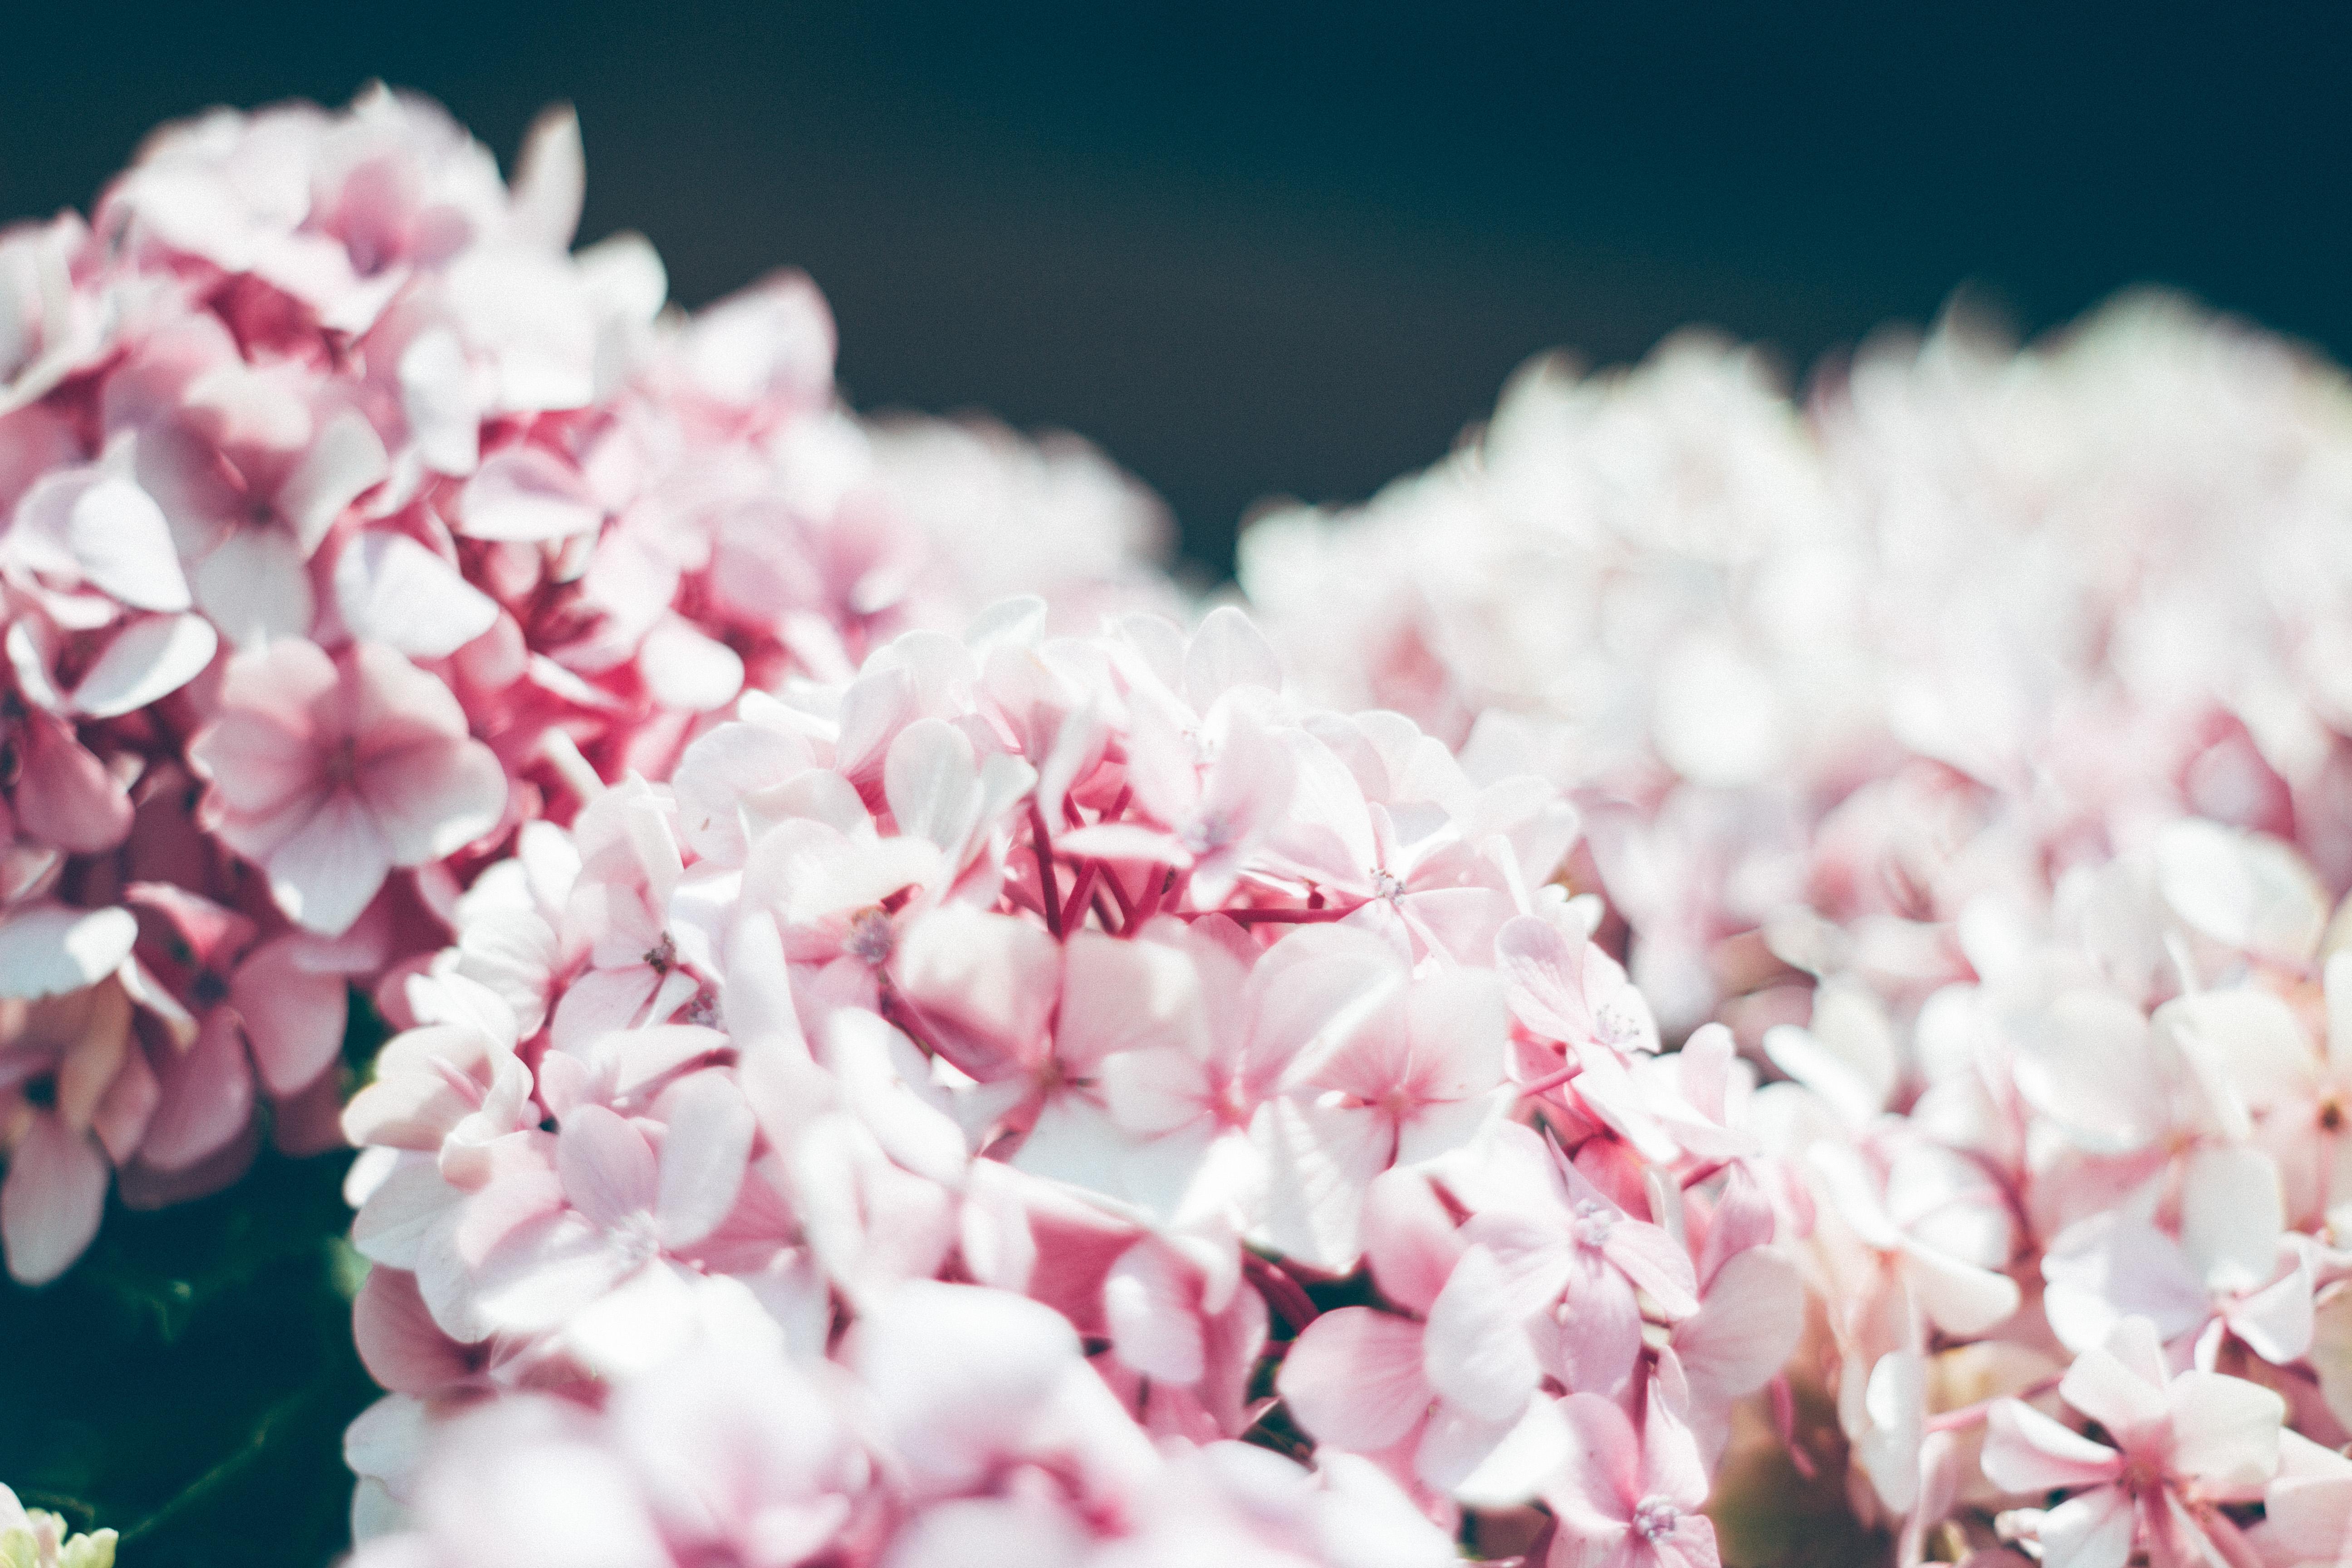 вашим отзывам цветы картинки размер 2048 1152 али считался